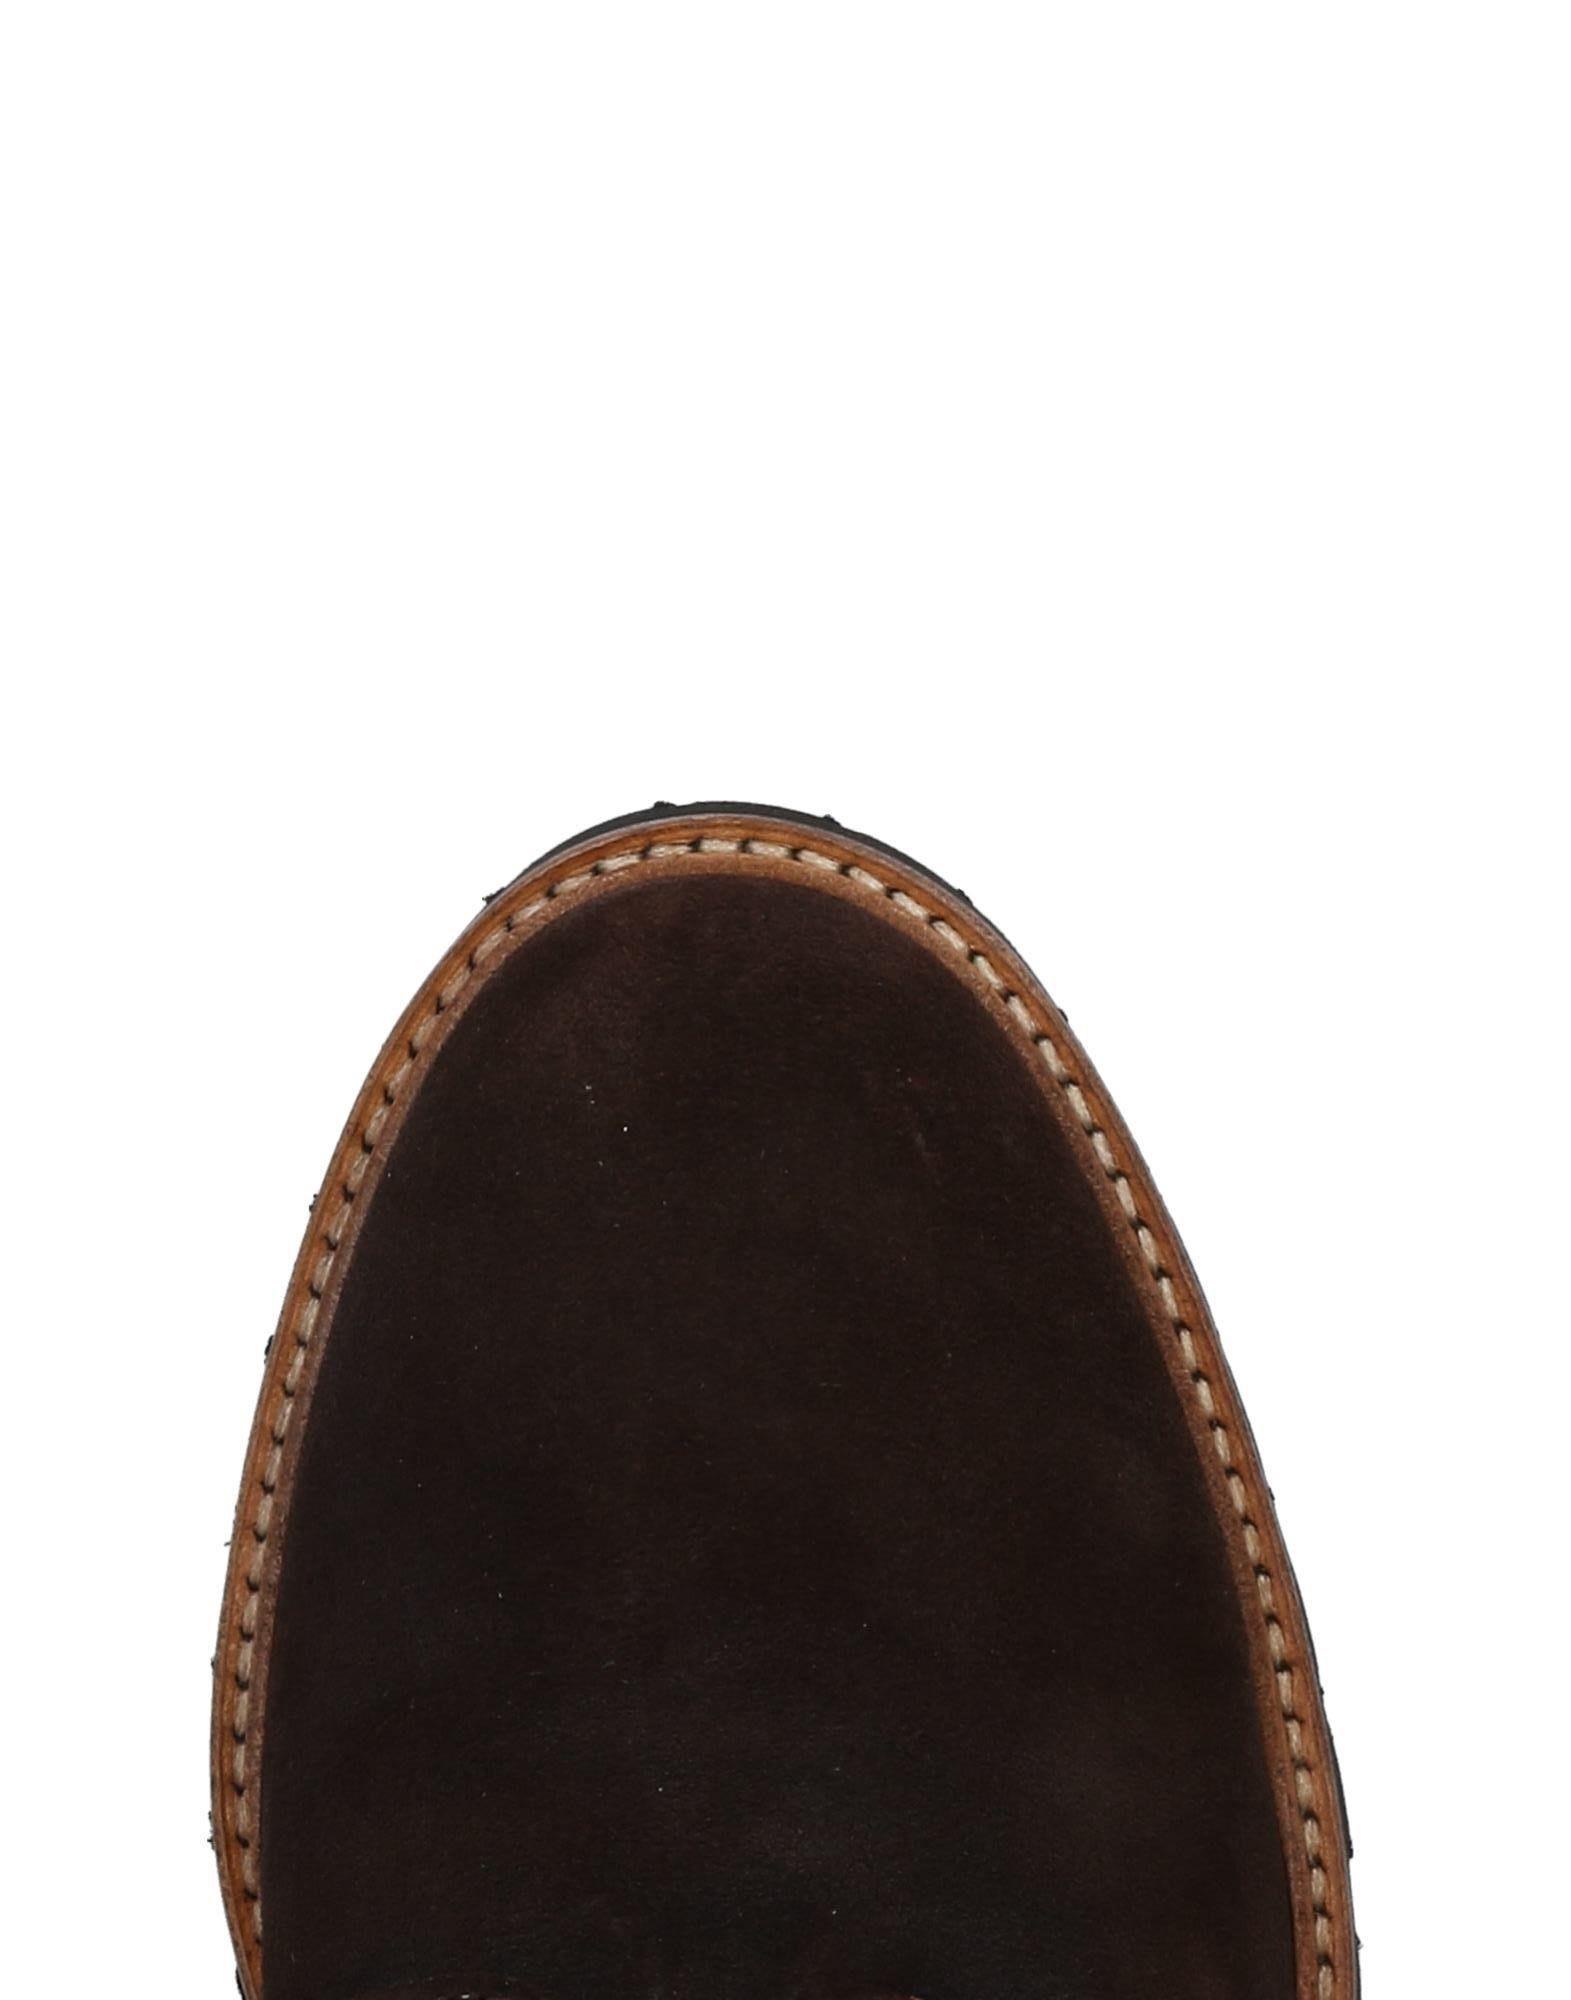 Fiorangelo Schnürschuhe Herren  11448297BW Gute Qualität beliebte Schuhe